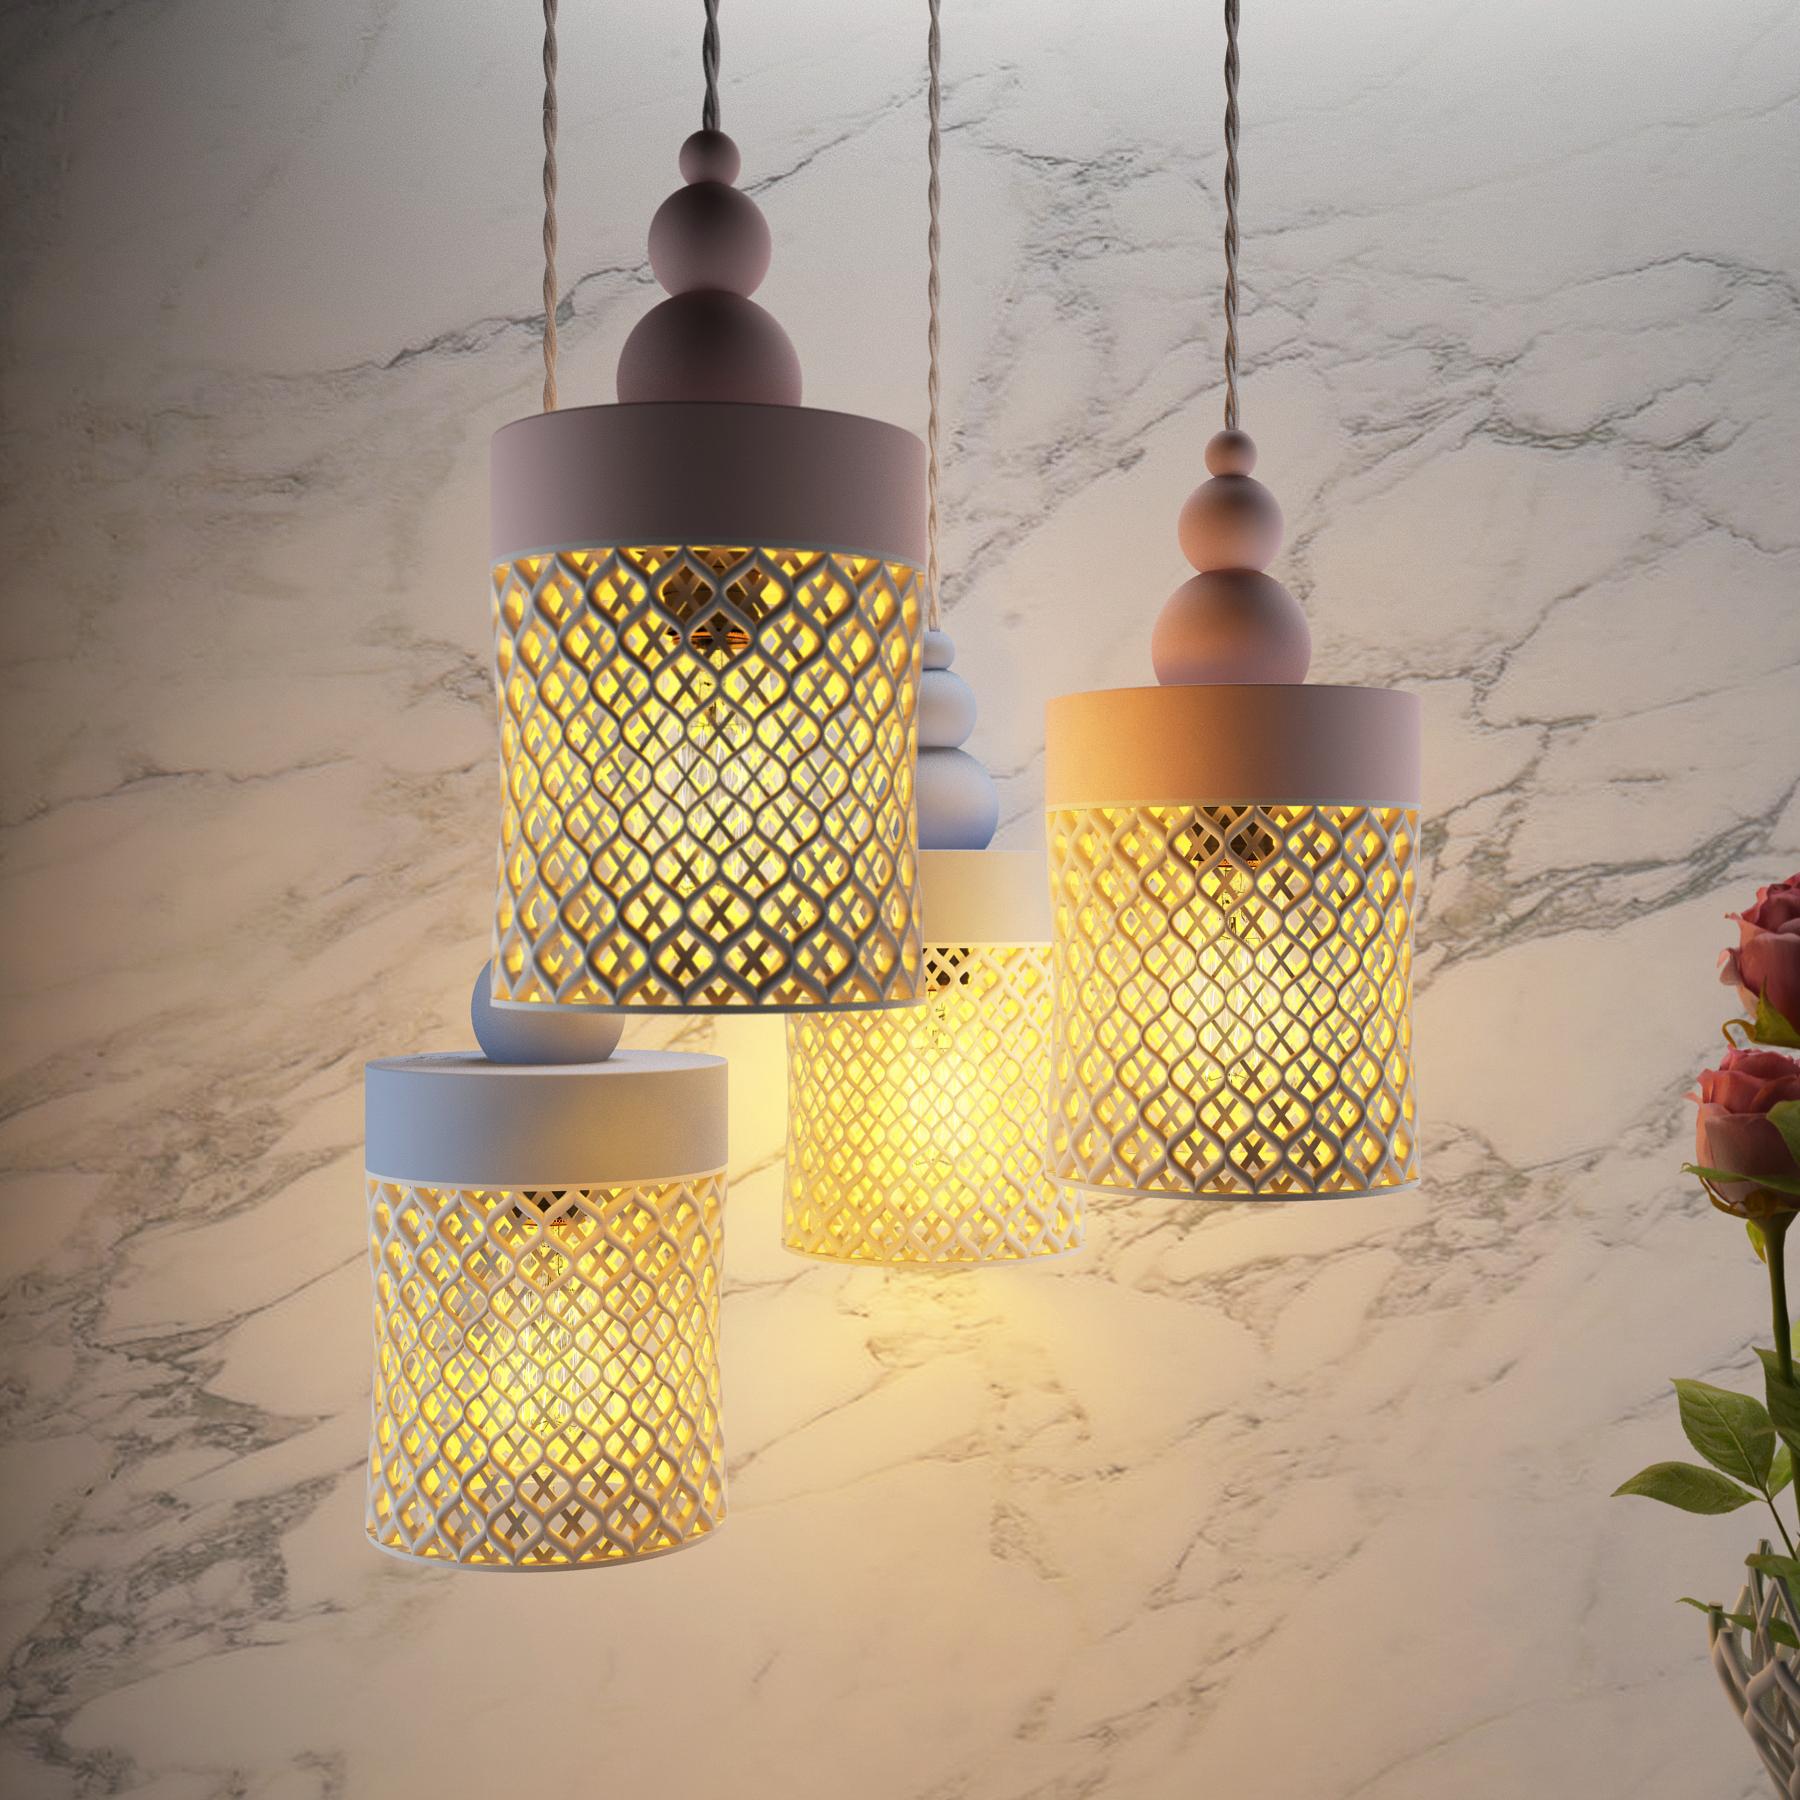 Lumière Jidhr par Younes Duret sur Design Maroc